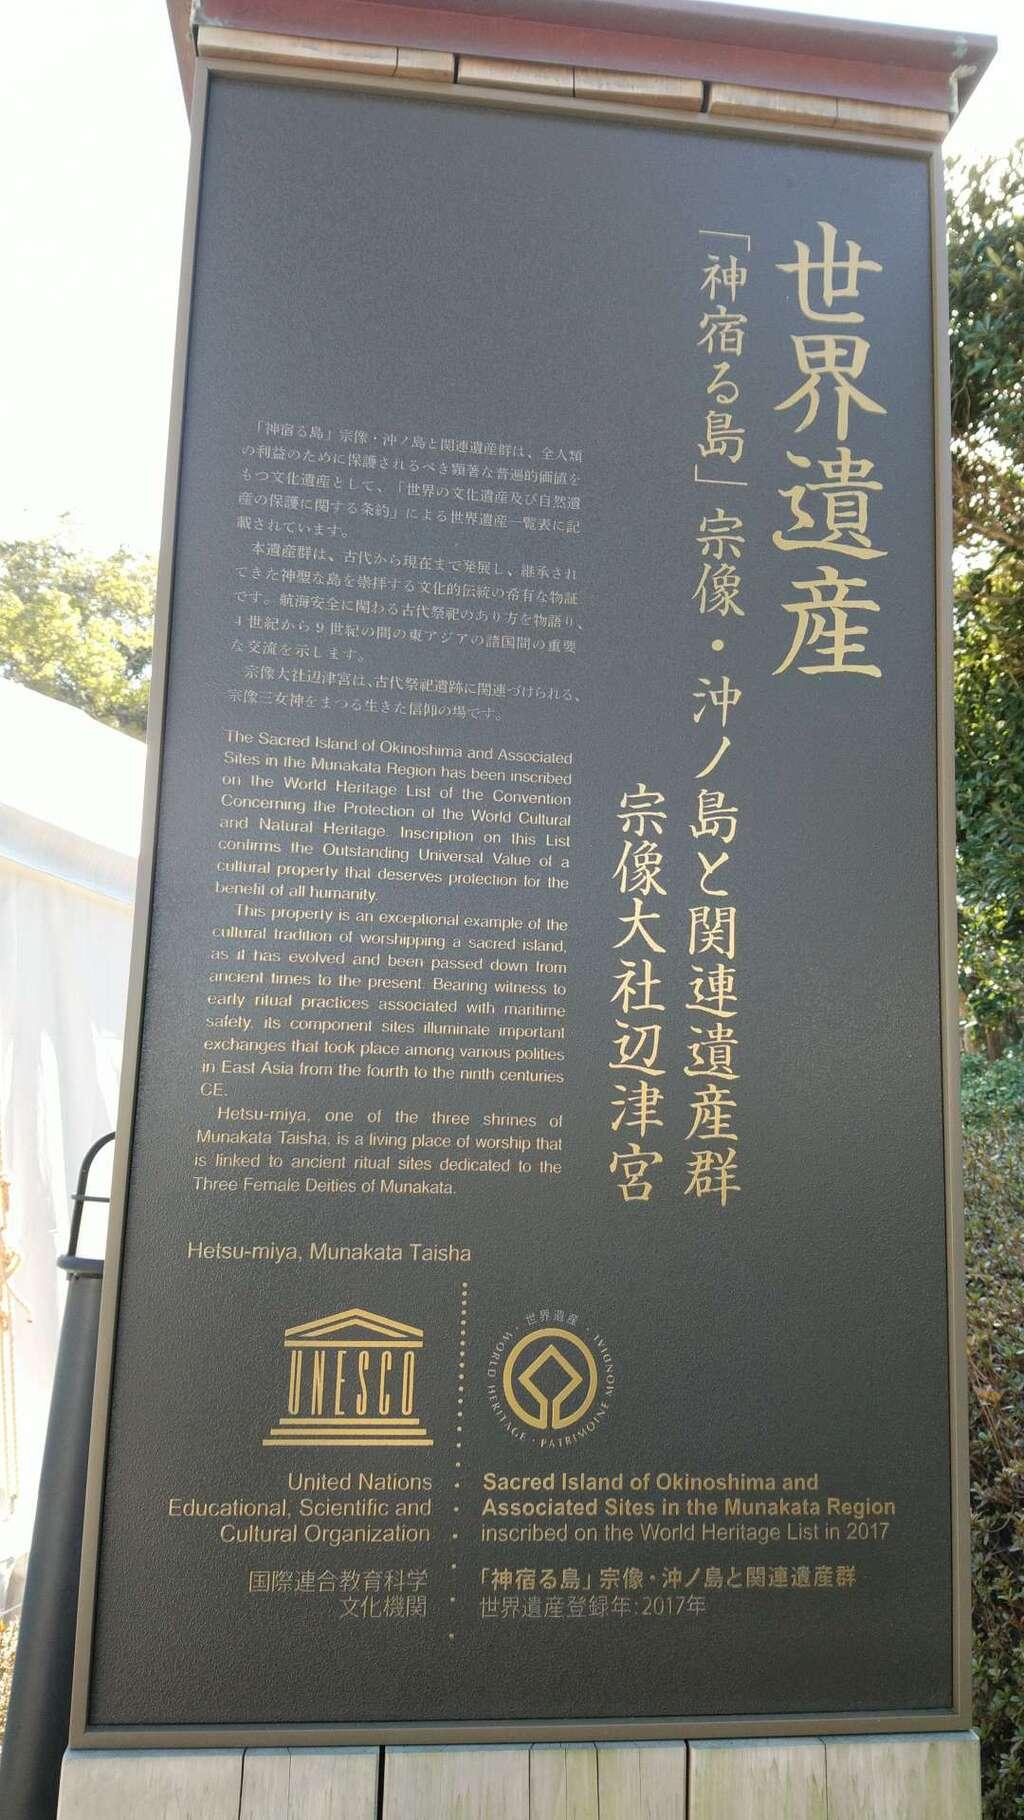 宗像大社の歴史